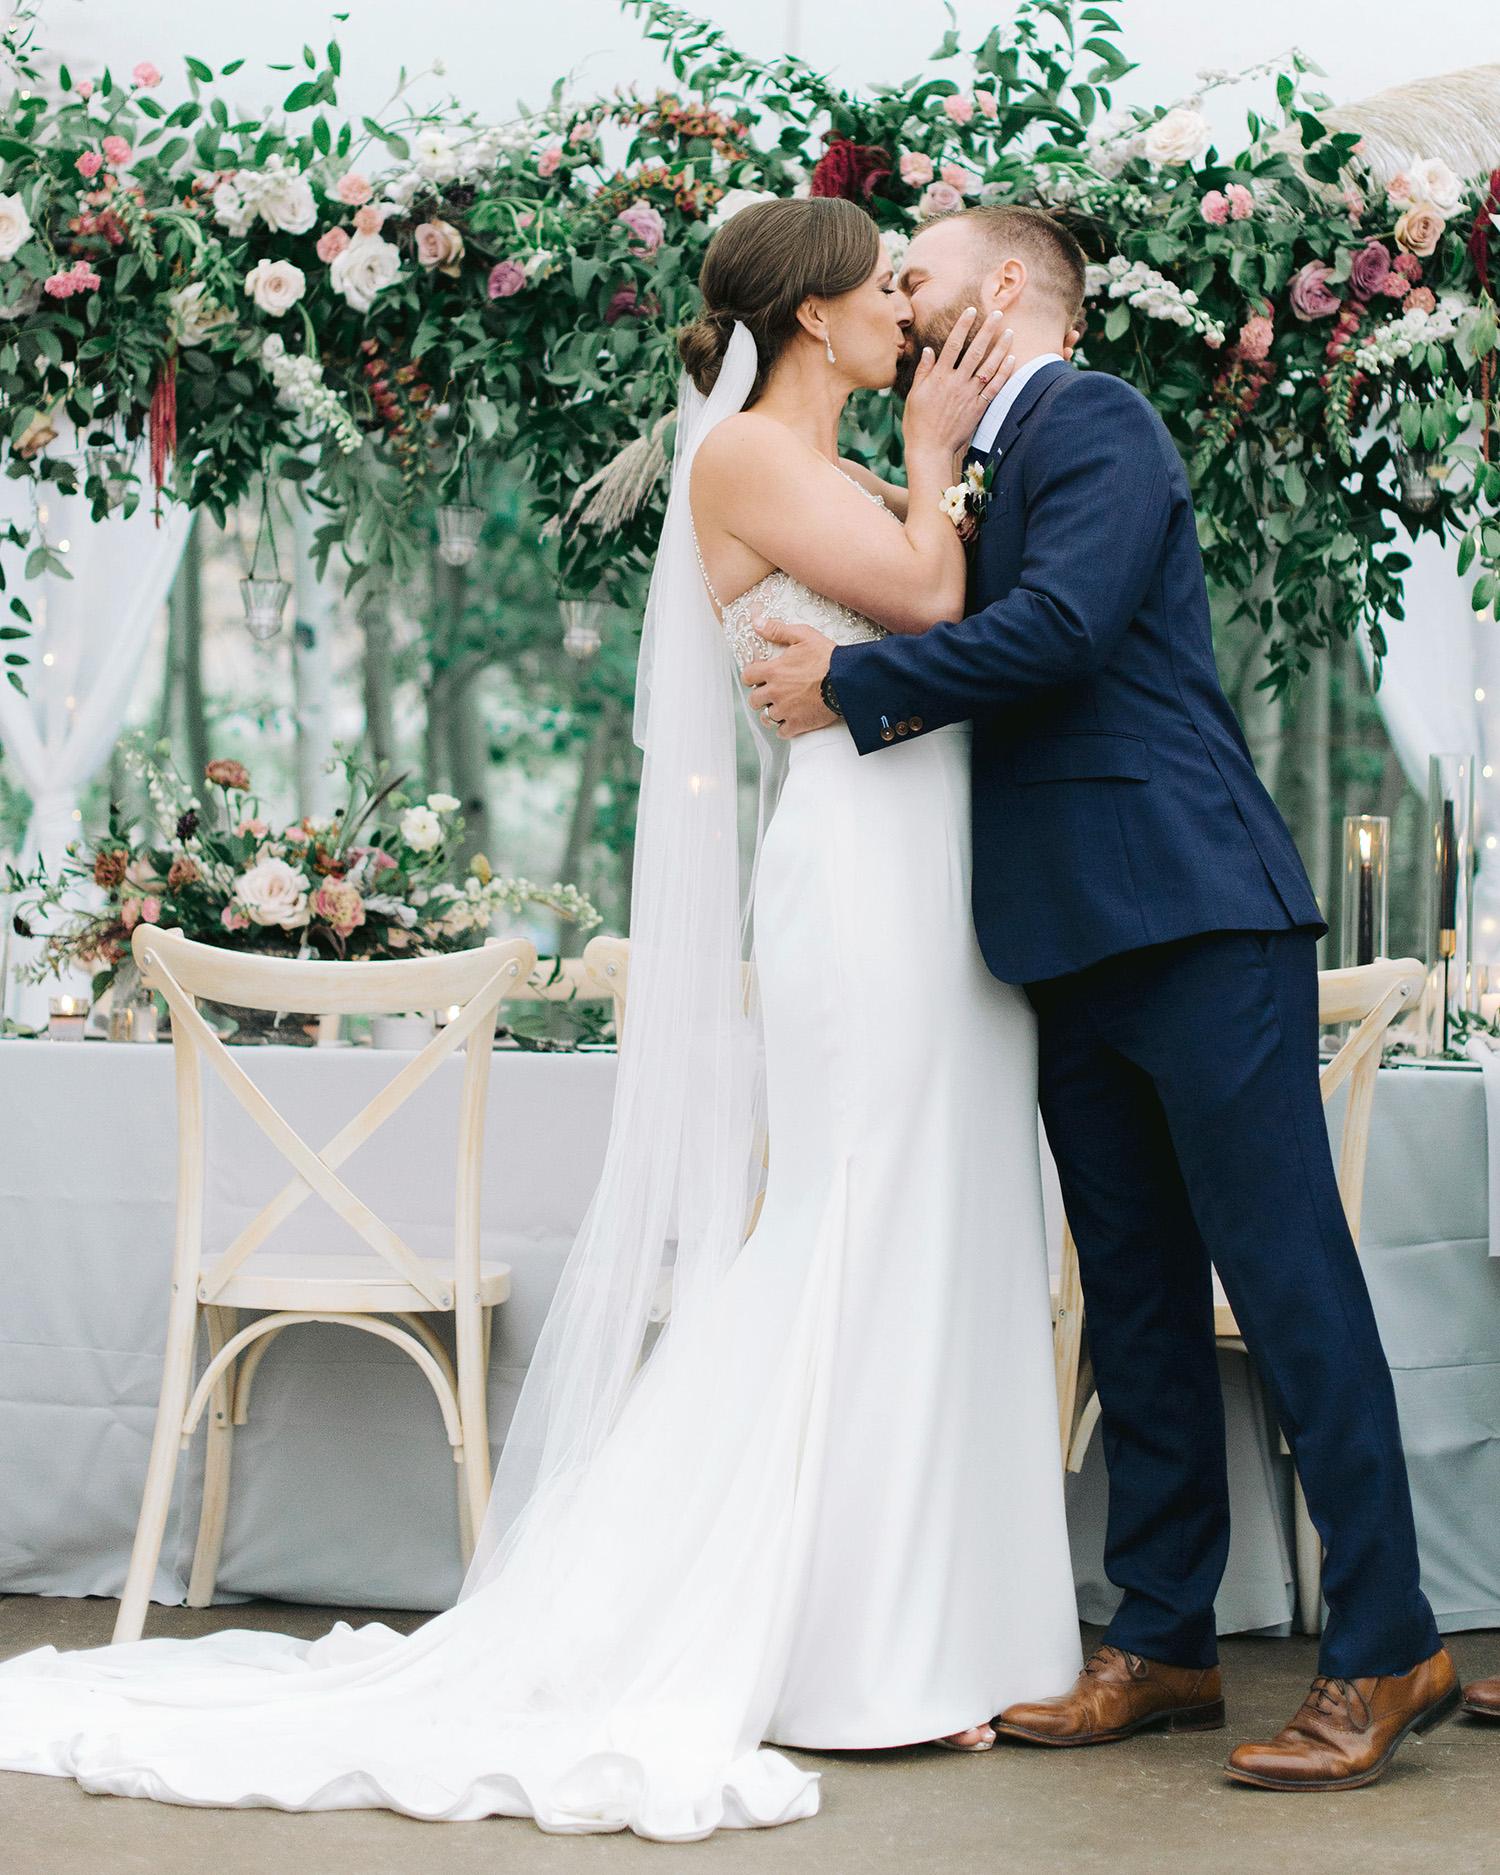 Casey Andrew Wedding Ceremony Kiss Couple